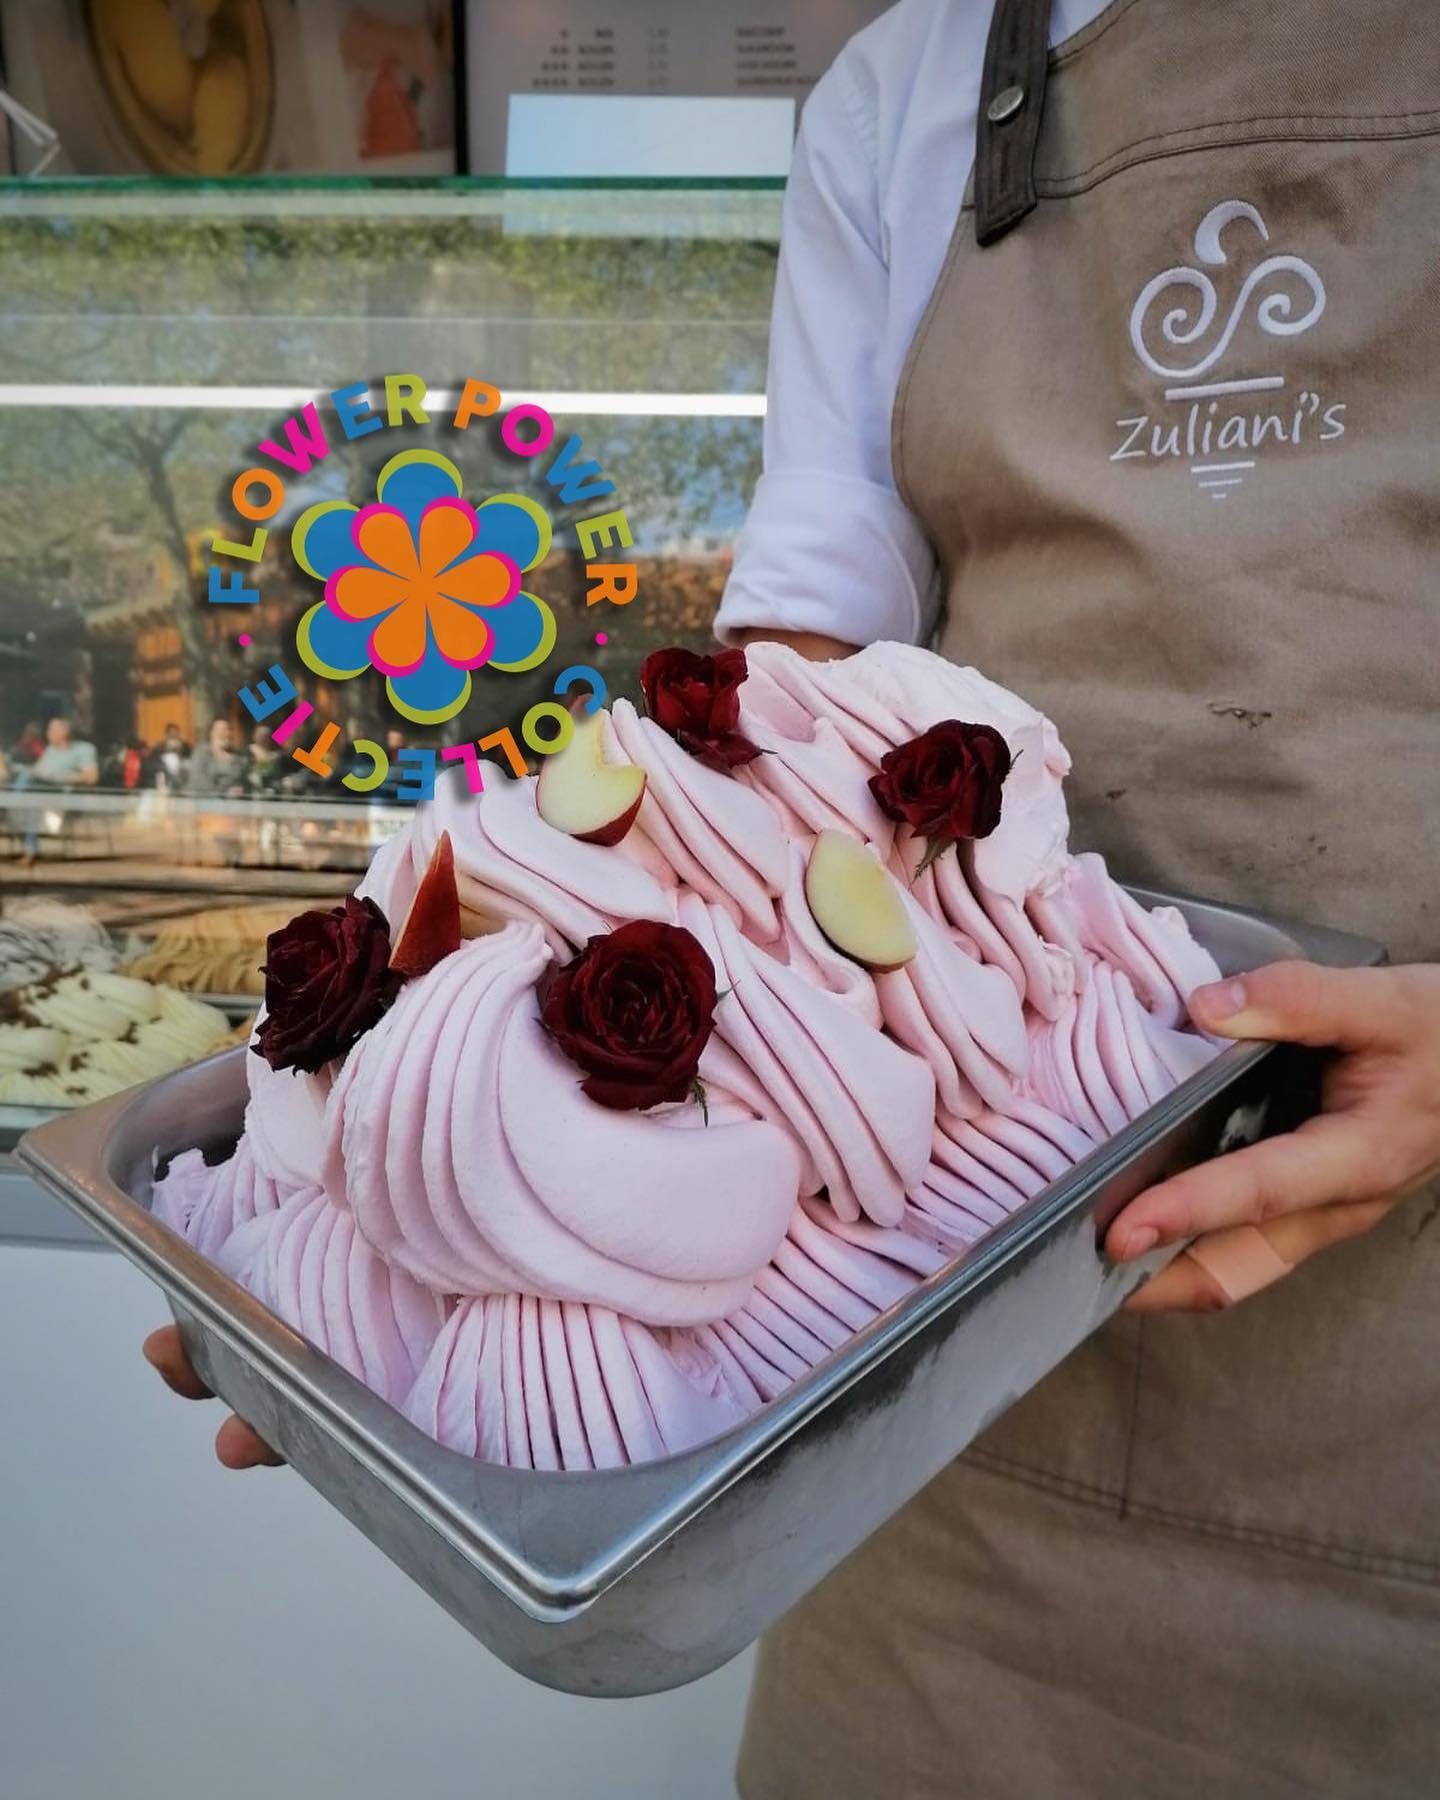 Nieuw - De 𝑭𝒍𝒐𝒘𝒆𝒓 𝑷𝒐𝒘𝒆𝒓 𝑪𝒐𝒍𝒍𝒆𝒄𝒕𝒊𝒆 van Zuliani's!  Deze zomer gaan wij jullie verassen met fleurige nieuwe smaken!Om te beginnen trappen we af met de bijzondere smaak Roos-Witte perzik. De heerlijke rozen smaak en het zachte fruit van de witte perzik zijn een romantische match!Combineer jouw favoriete smaak met één van de bijzondere Flower Power smaken deze zomer! Wij horen graag wat jullie ervan vinden